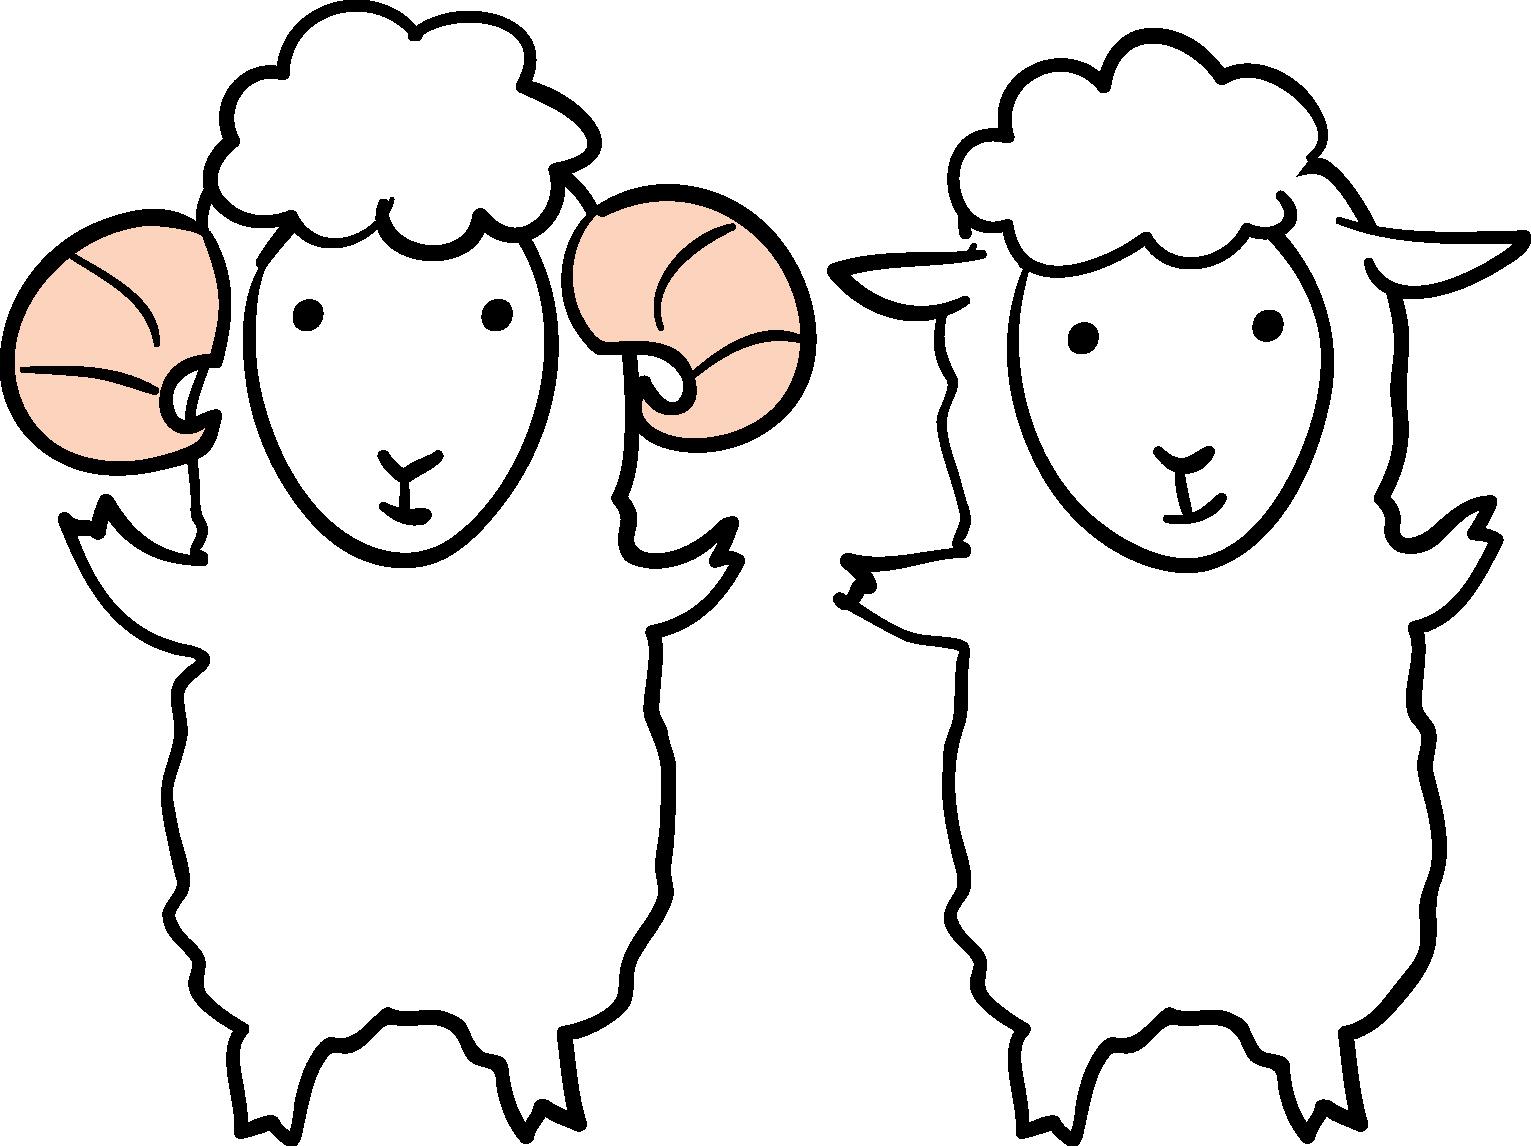 年賀状イラスト素材 未 ひつじ 仲良し羊ダウンロード